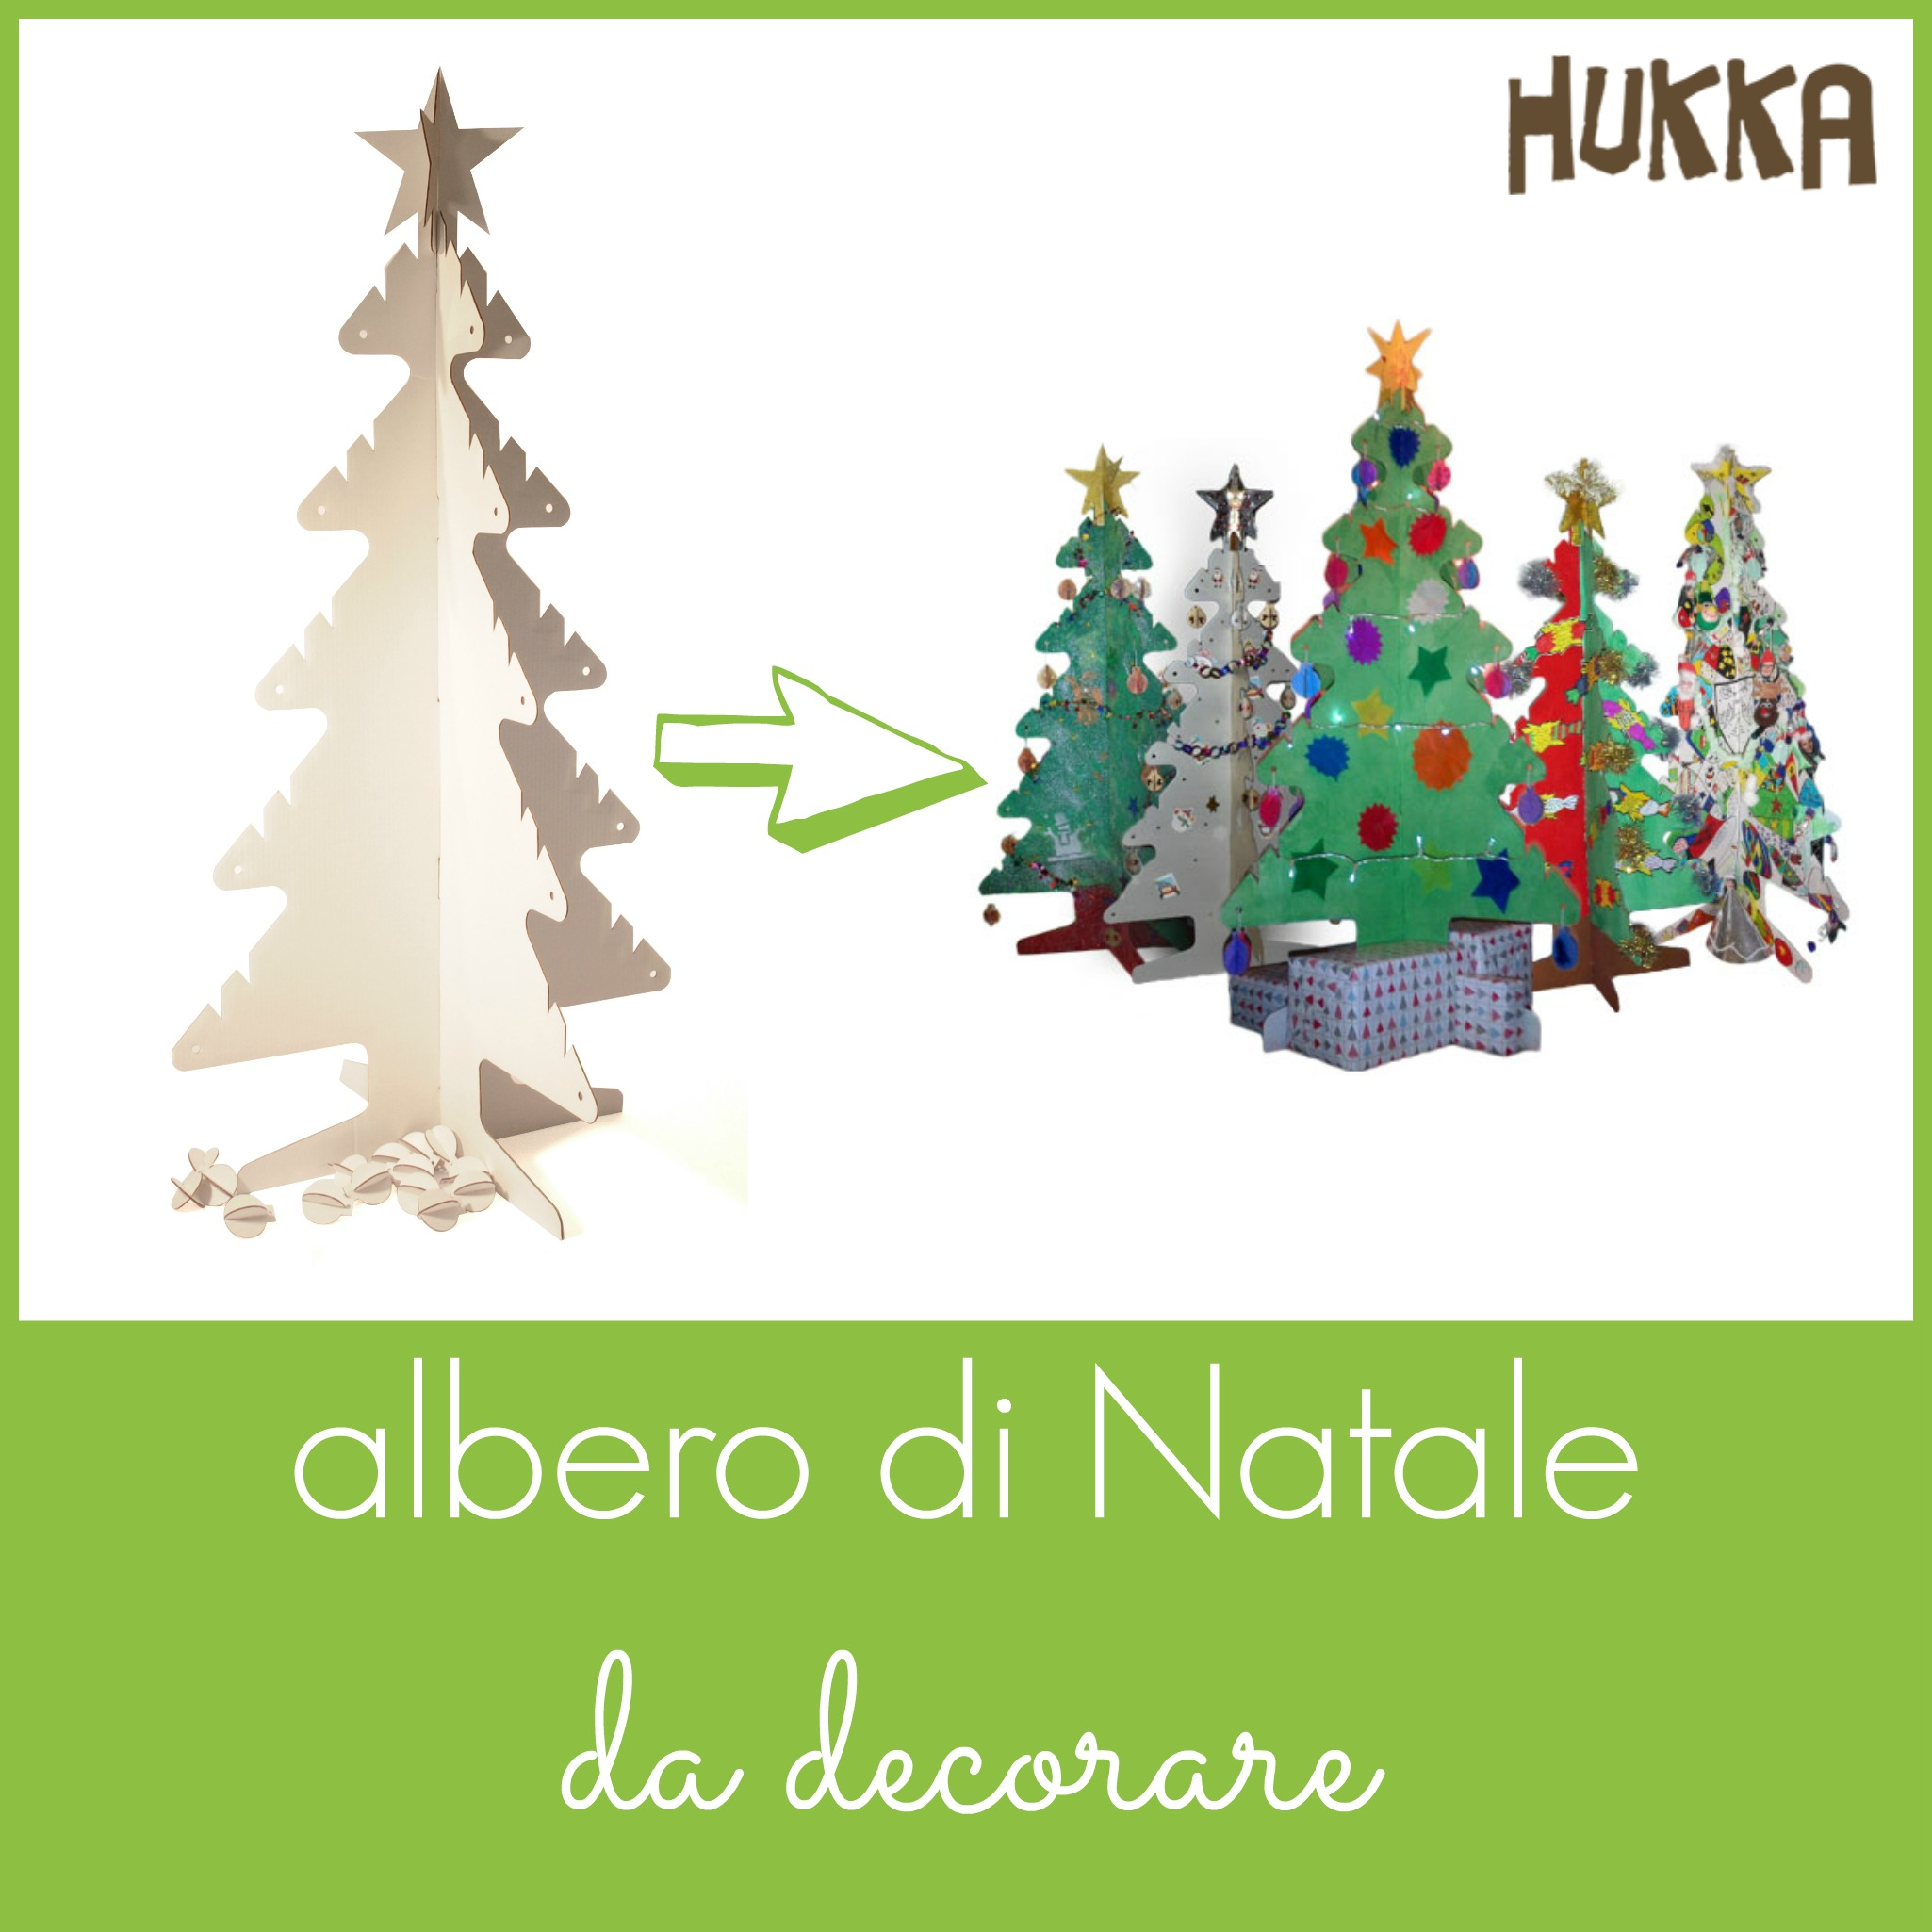 Albero Di Natale Per Bambini Piccoli.Albero Di Natale Da Decorare Babygreen